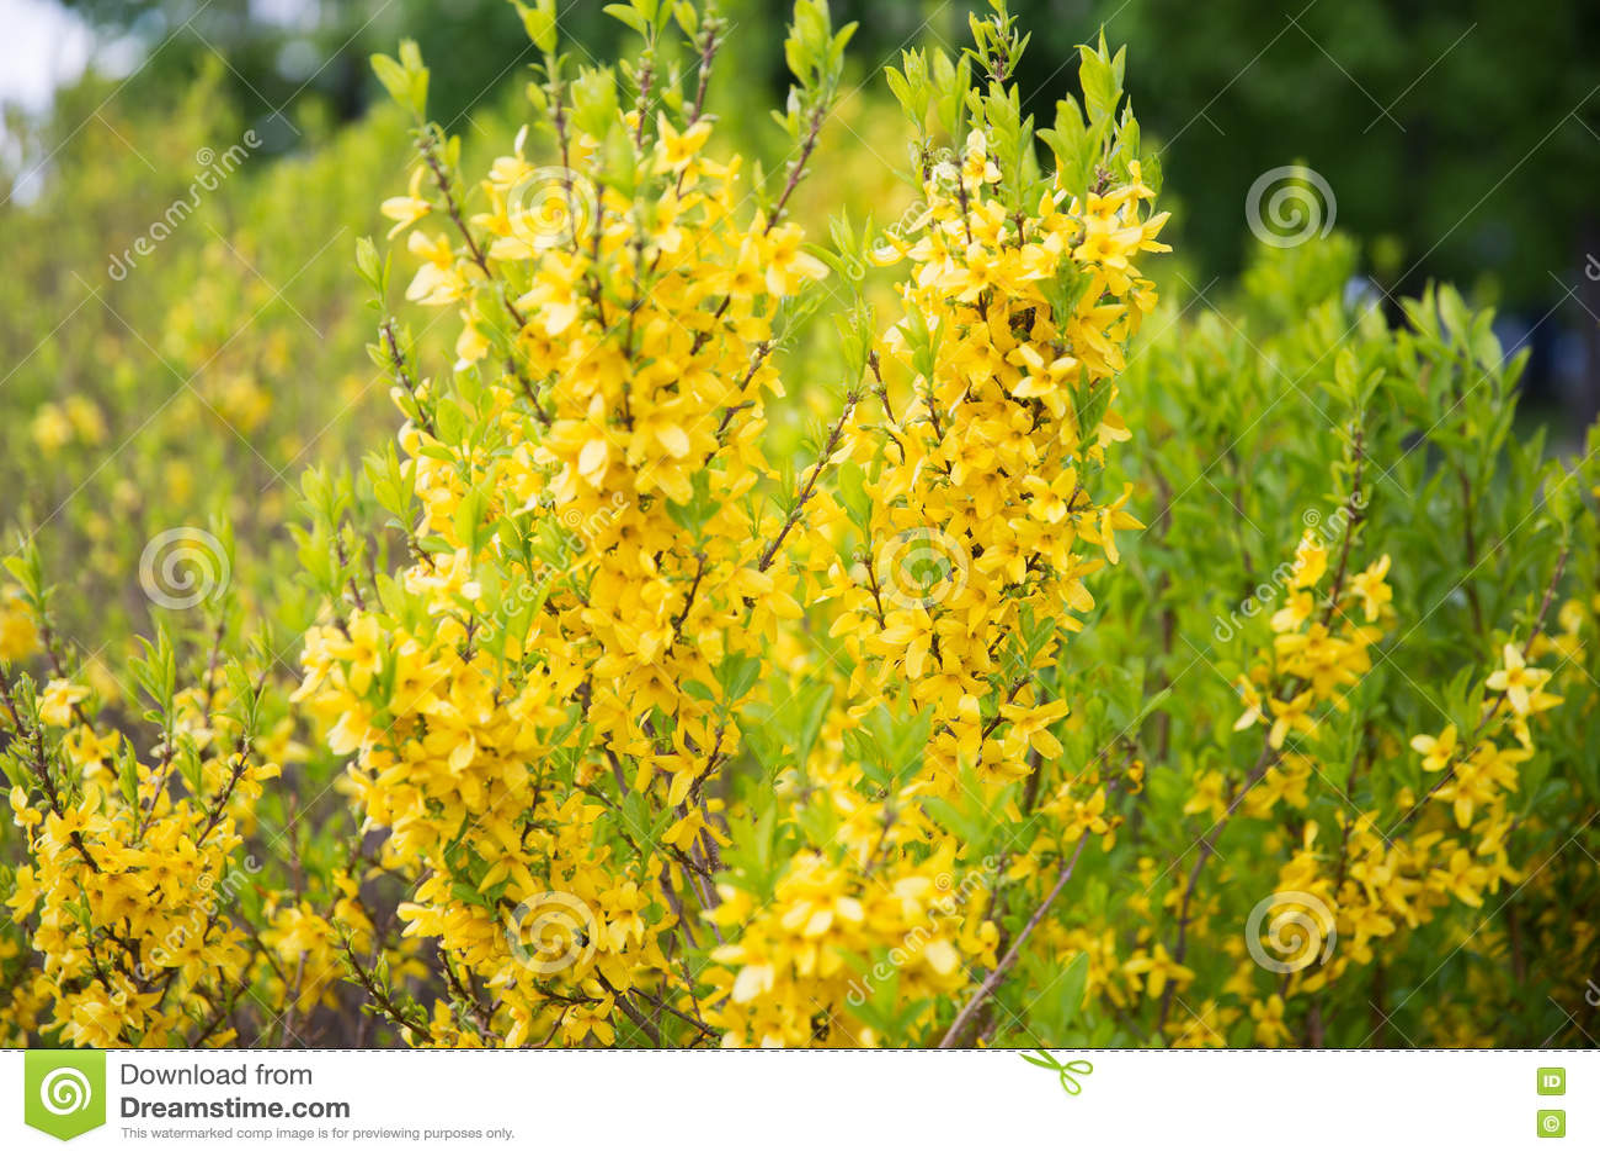 Fiori Primaverili Gialli.Arbusto Fiori Gialli Primaverili